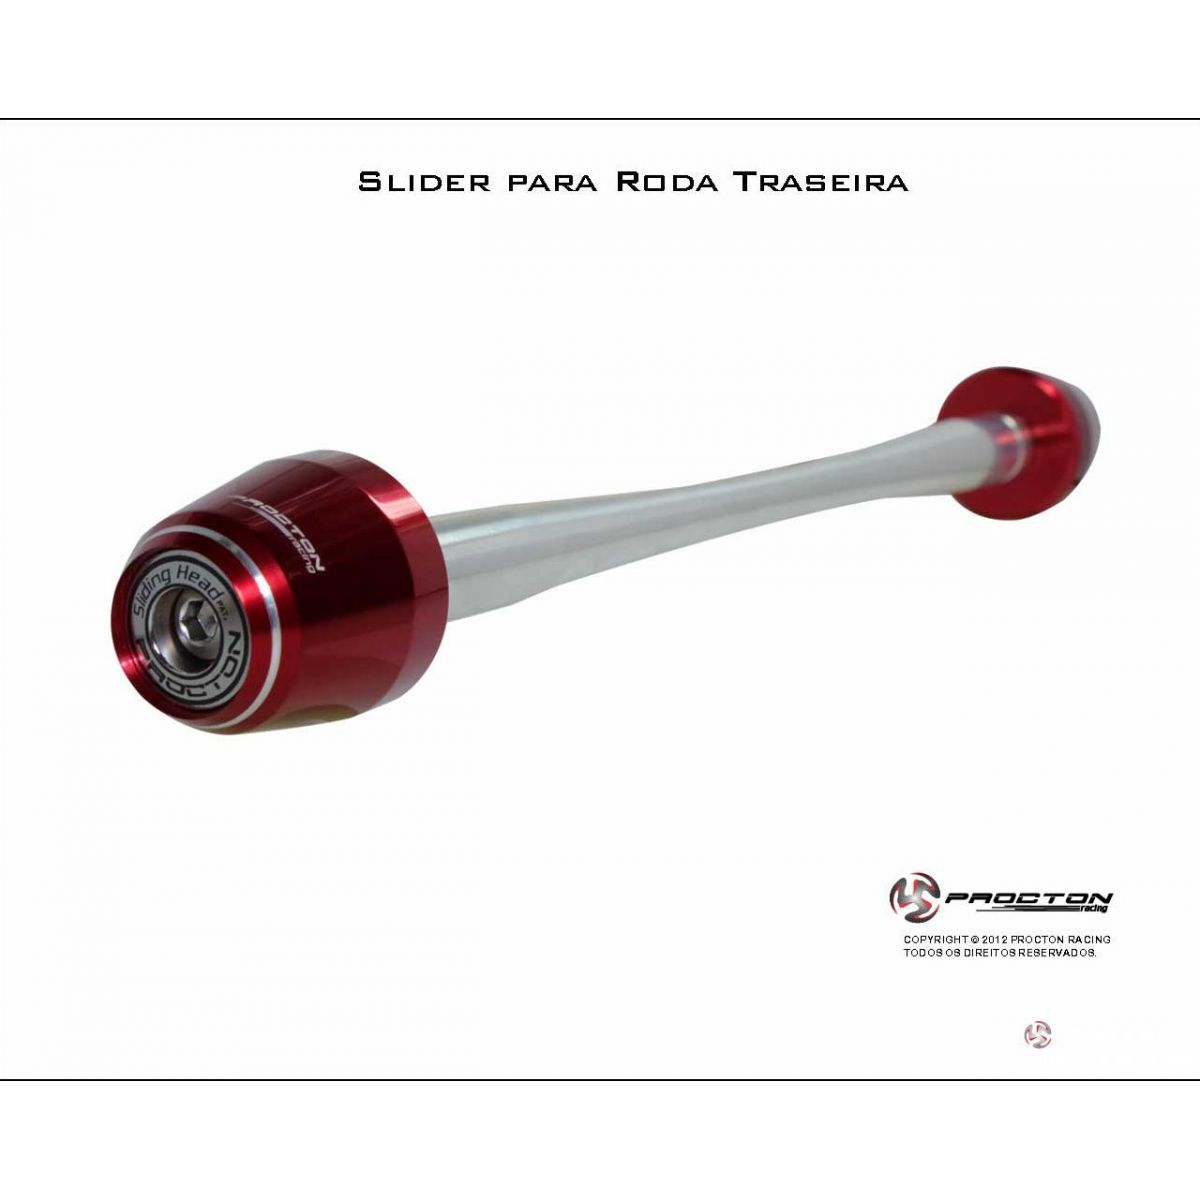 Slider Roda Traseiro SRAD750 14/16  - Nova Suzuki Motos e Acessórios